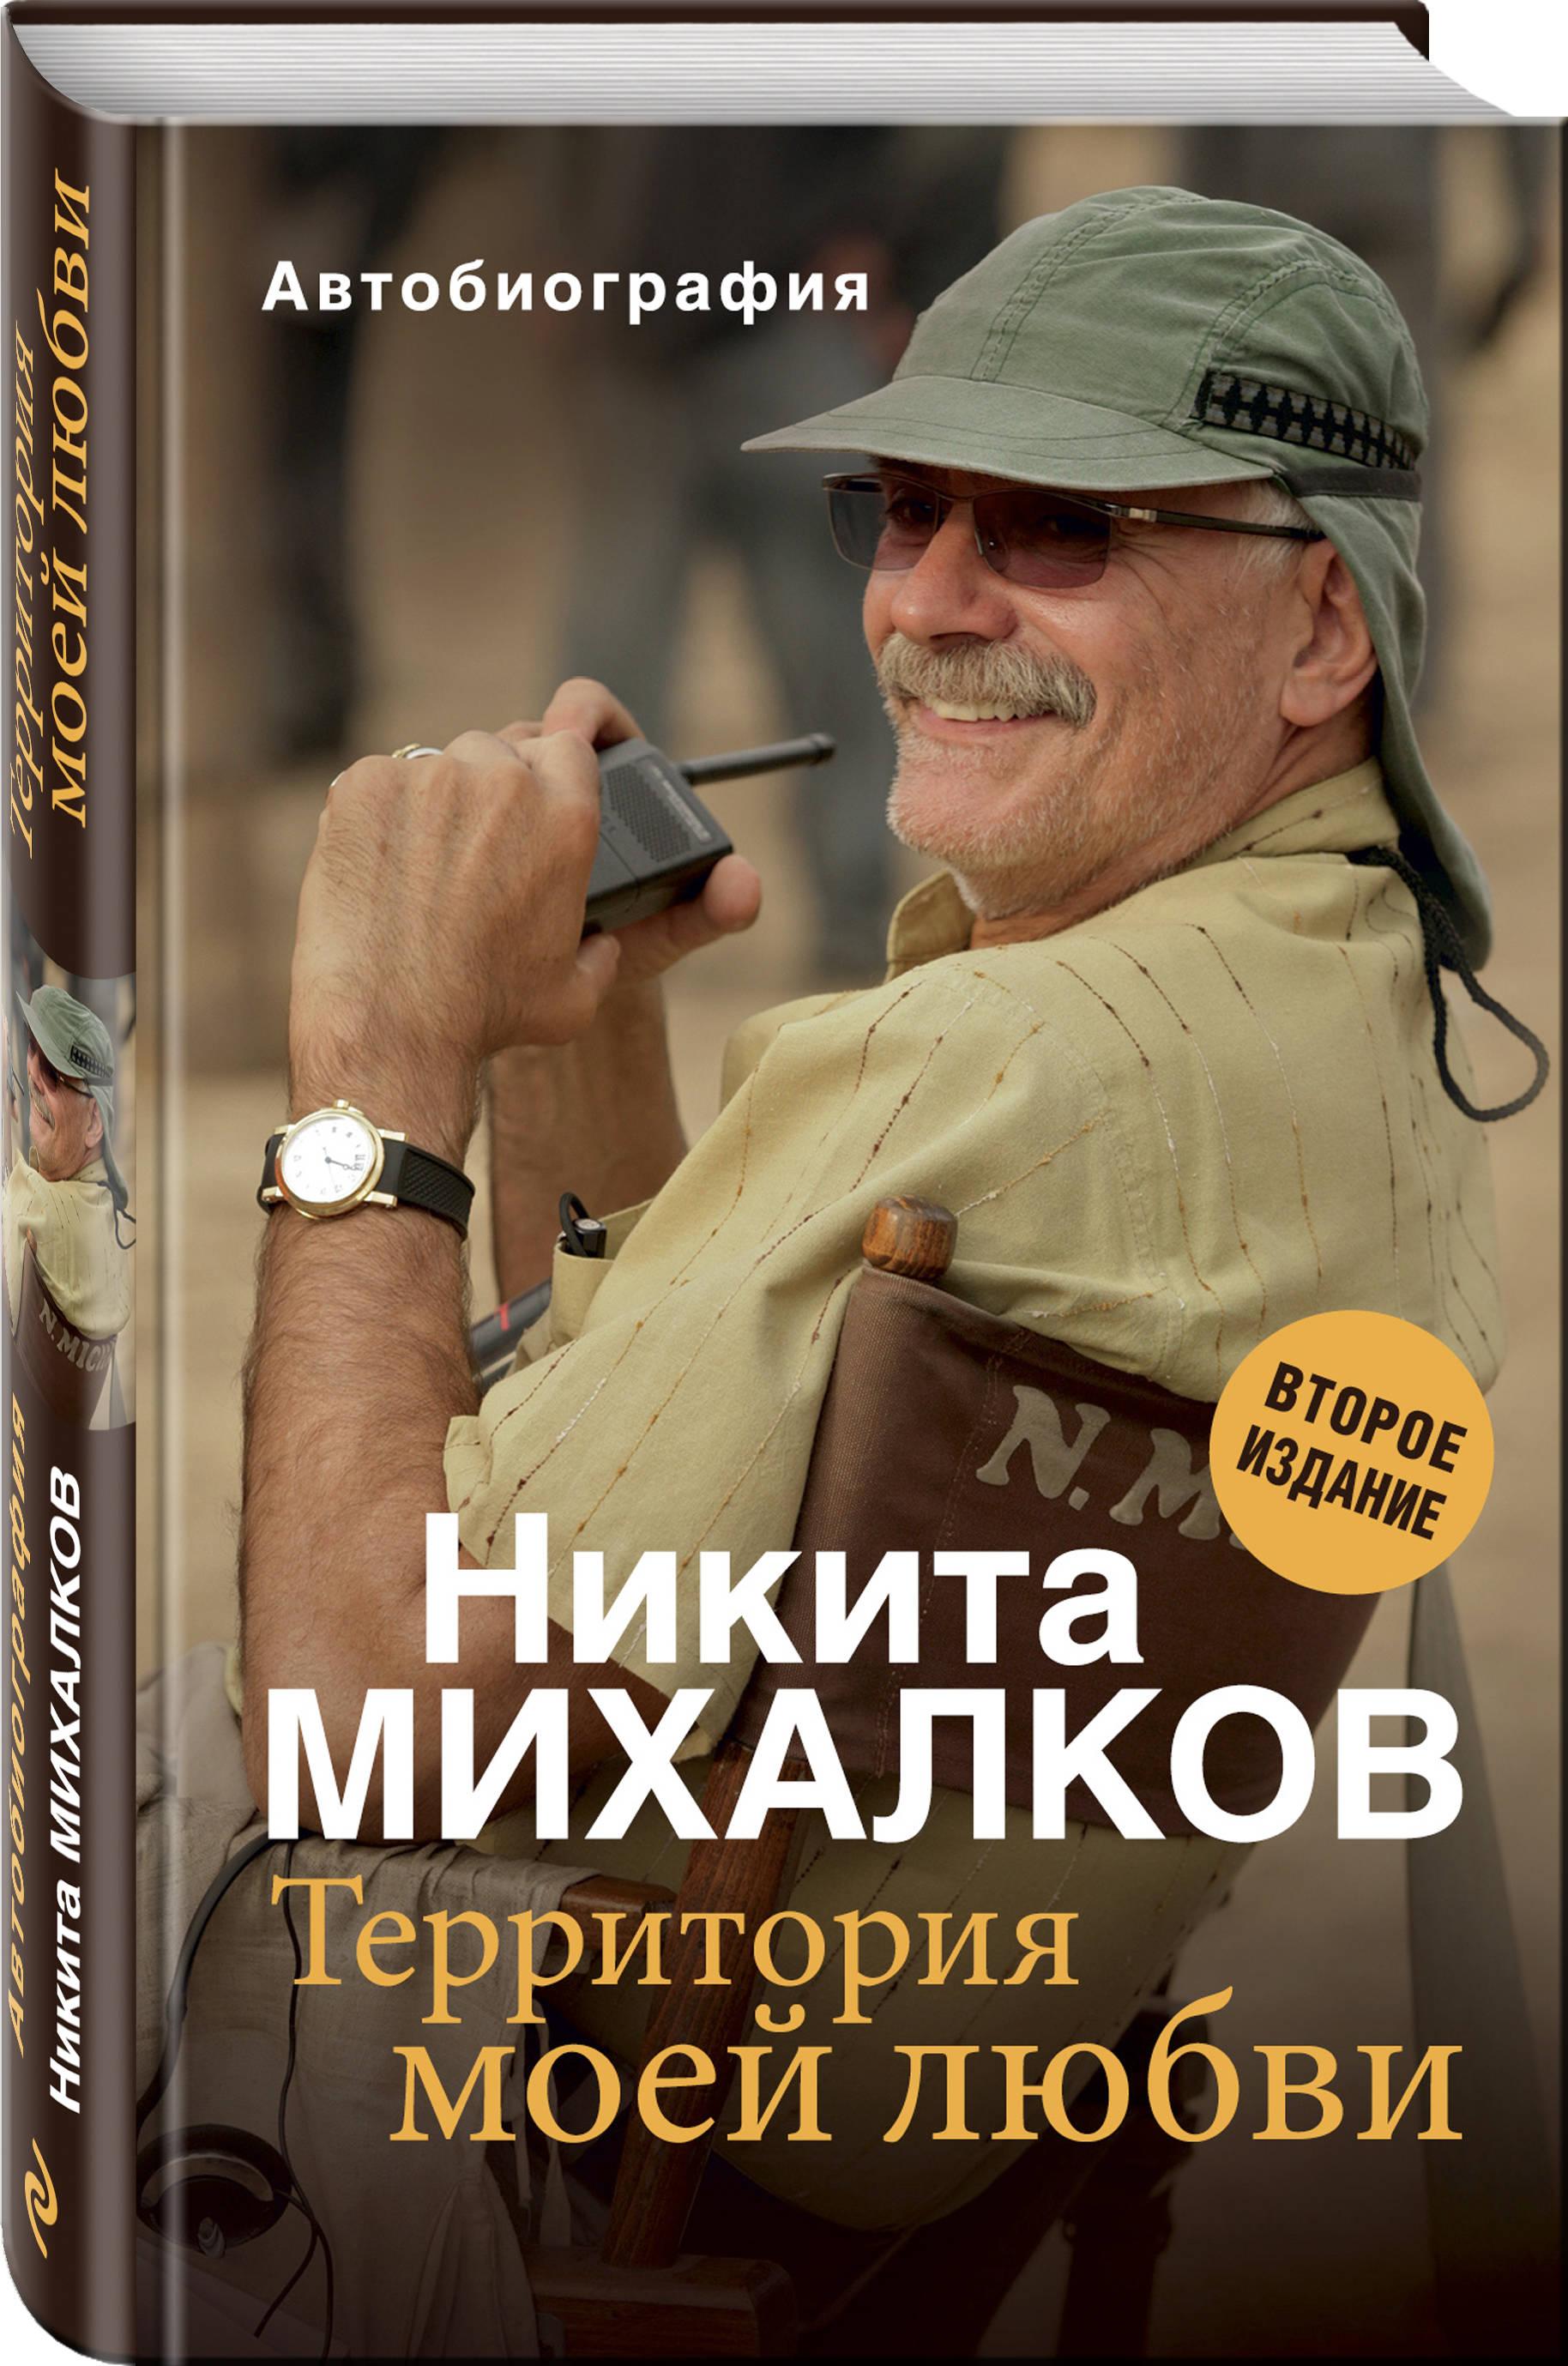 Никита Михалков Территория моей любви. 2-е издание цена в Москве и Питере